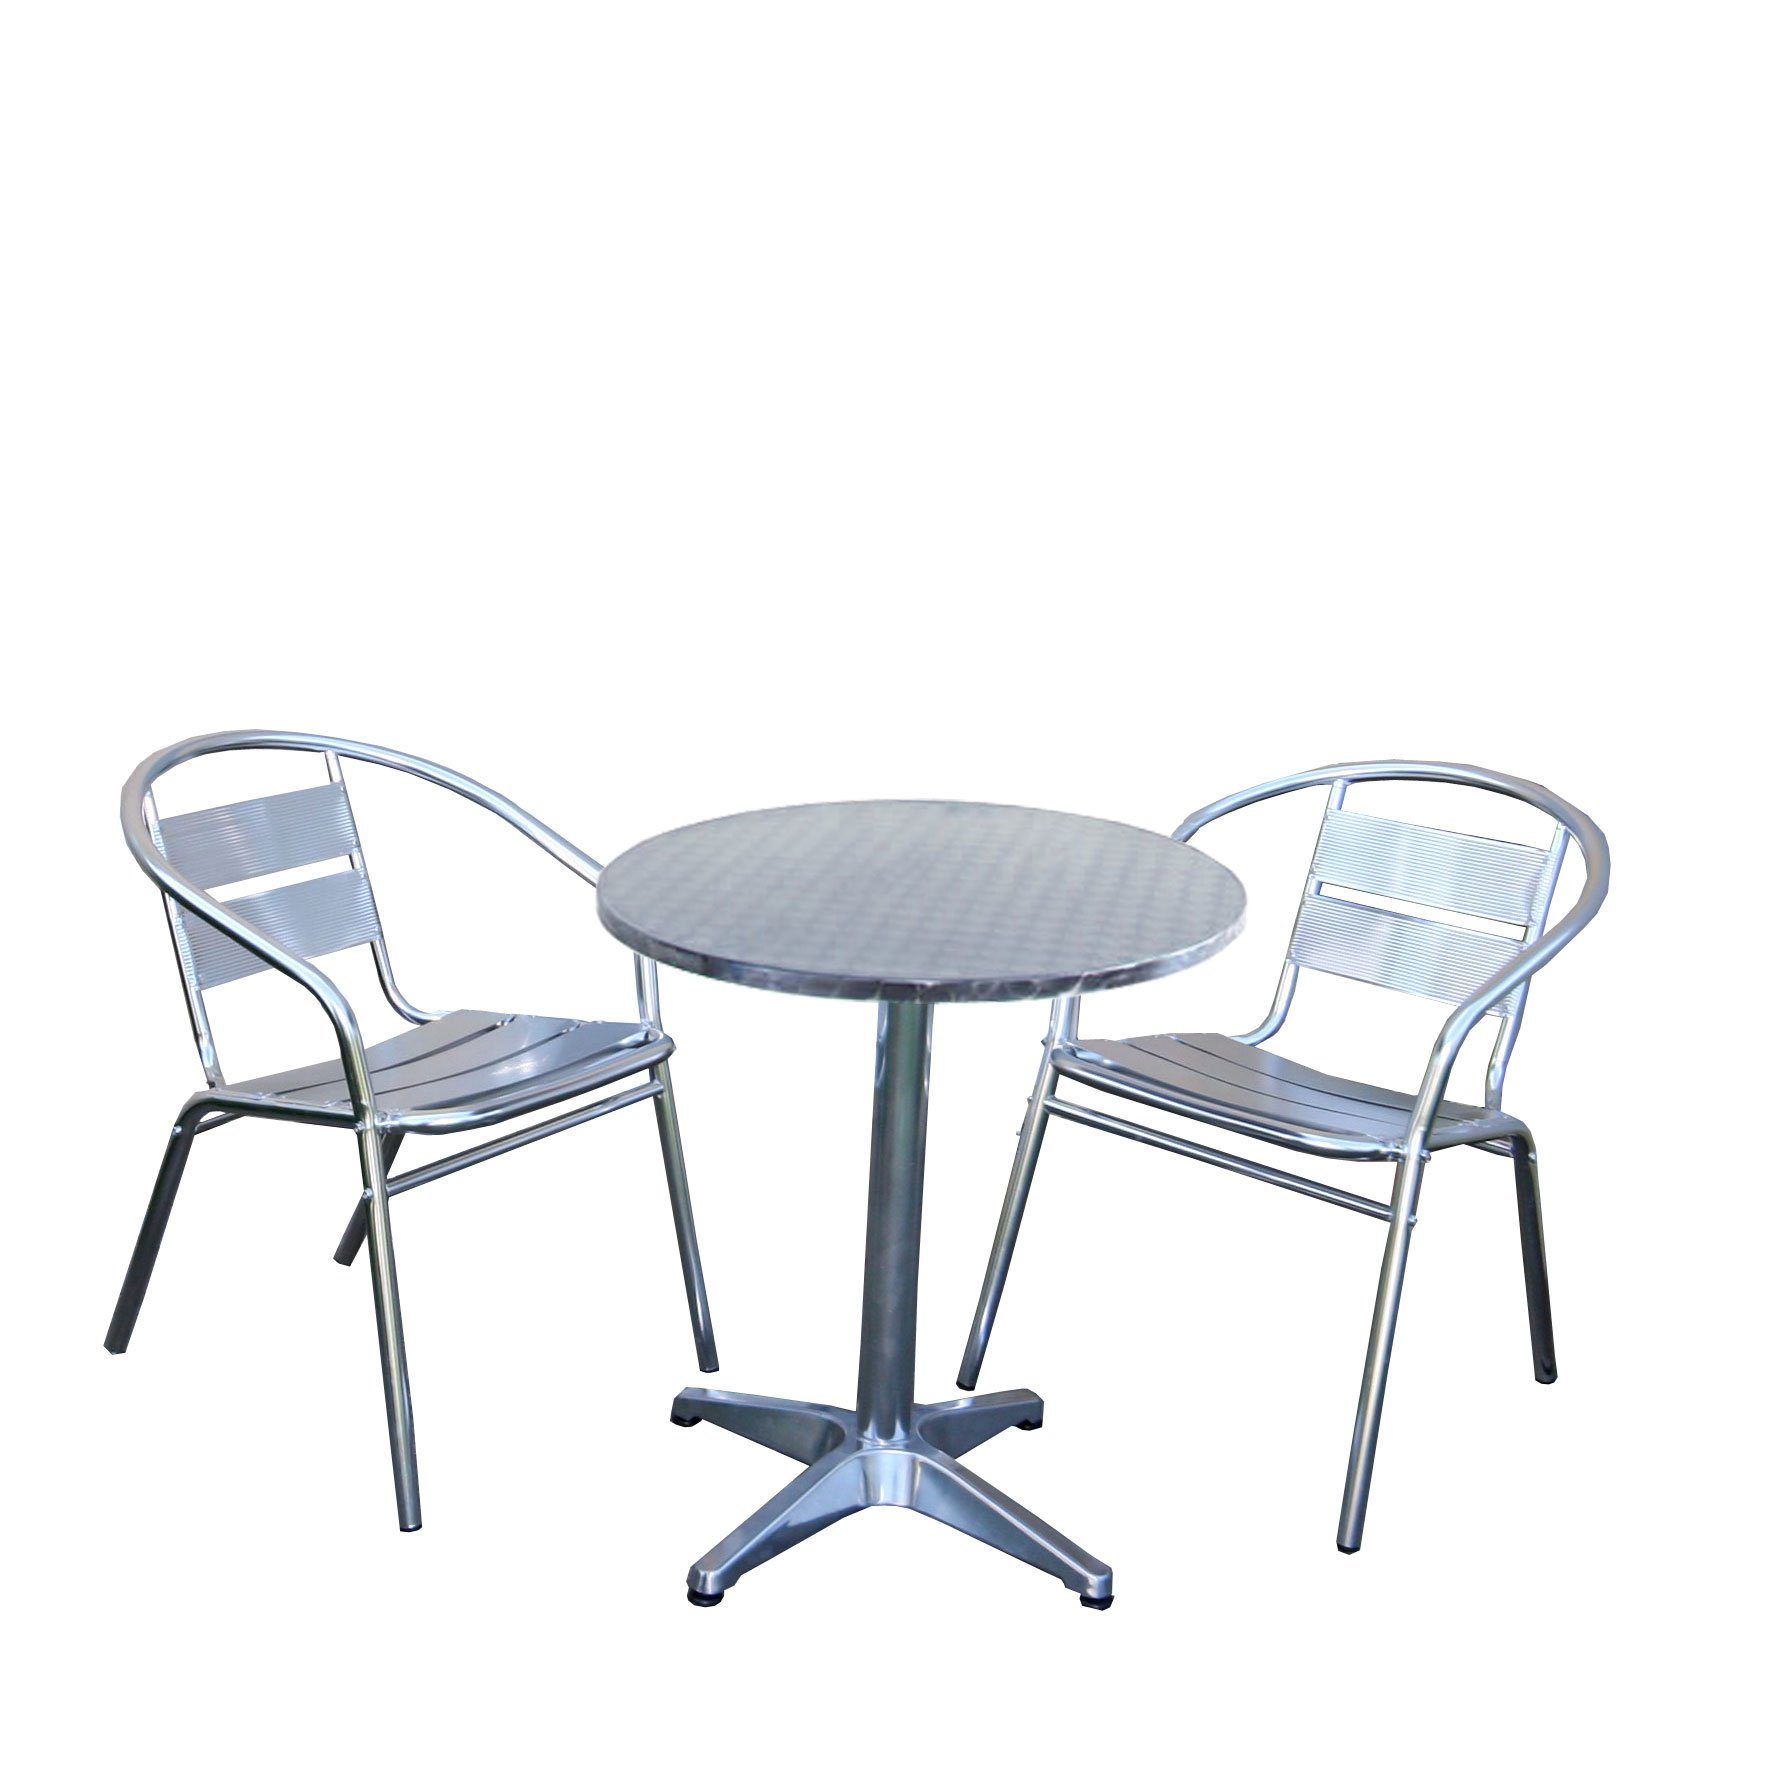 Conjunto de jard n apilable mesa 2 sillas en aluminio for Conjuntos de jardin en aluminio